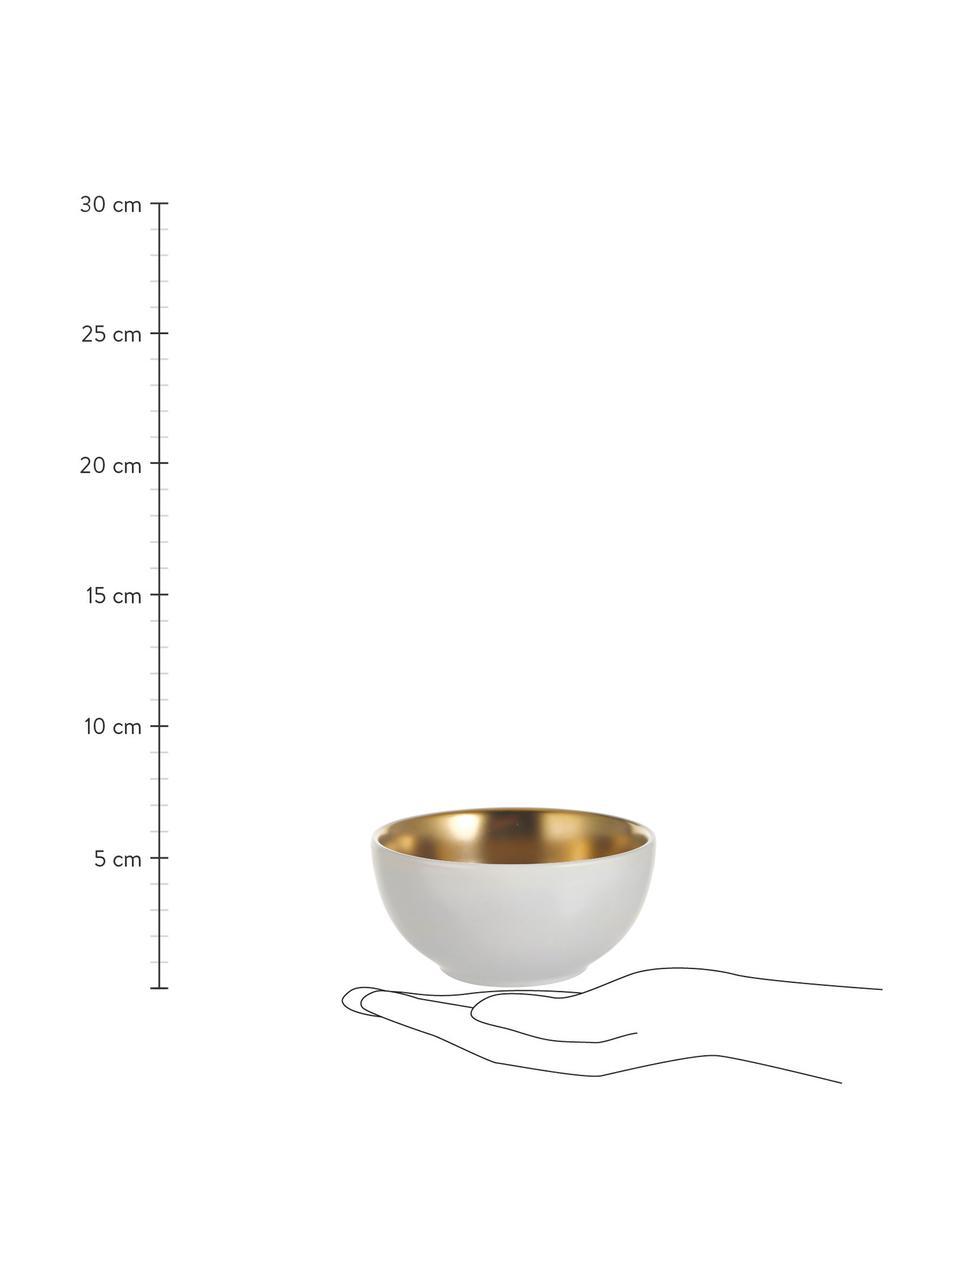 Serveerset Glitz in wit/goudkleurig, 4-delig, Keramiek, Wit, goudkleurig, Ø 11 x H 6 cm